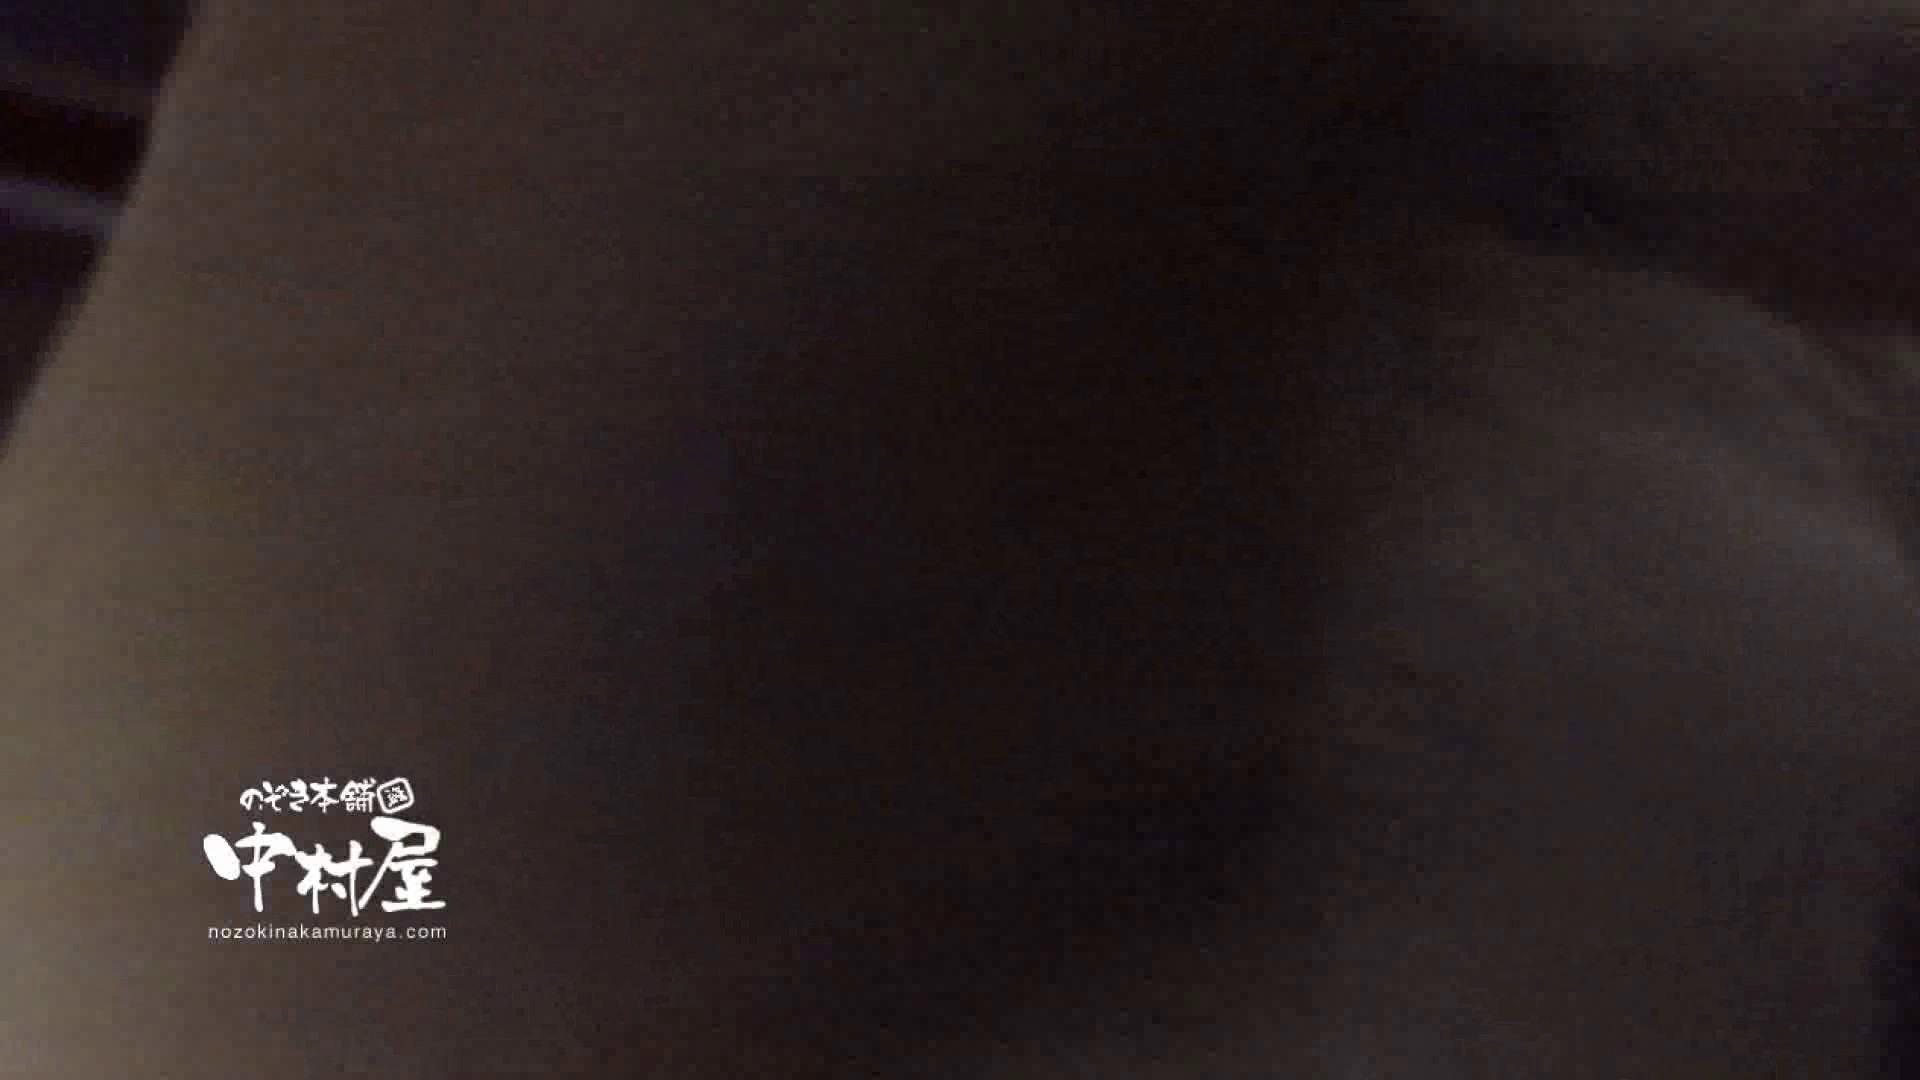 鬼畜 vol.10 あぁ無情…中出しパイパン! 前編 美しいOLの裸体 隠し撮りオマンコ動画紹介 106pic 46